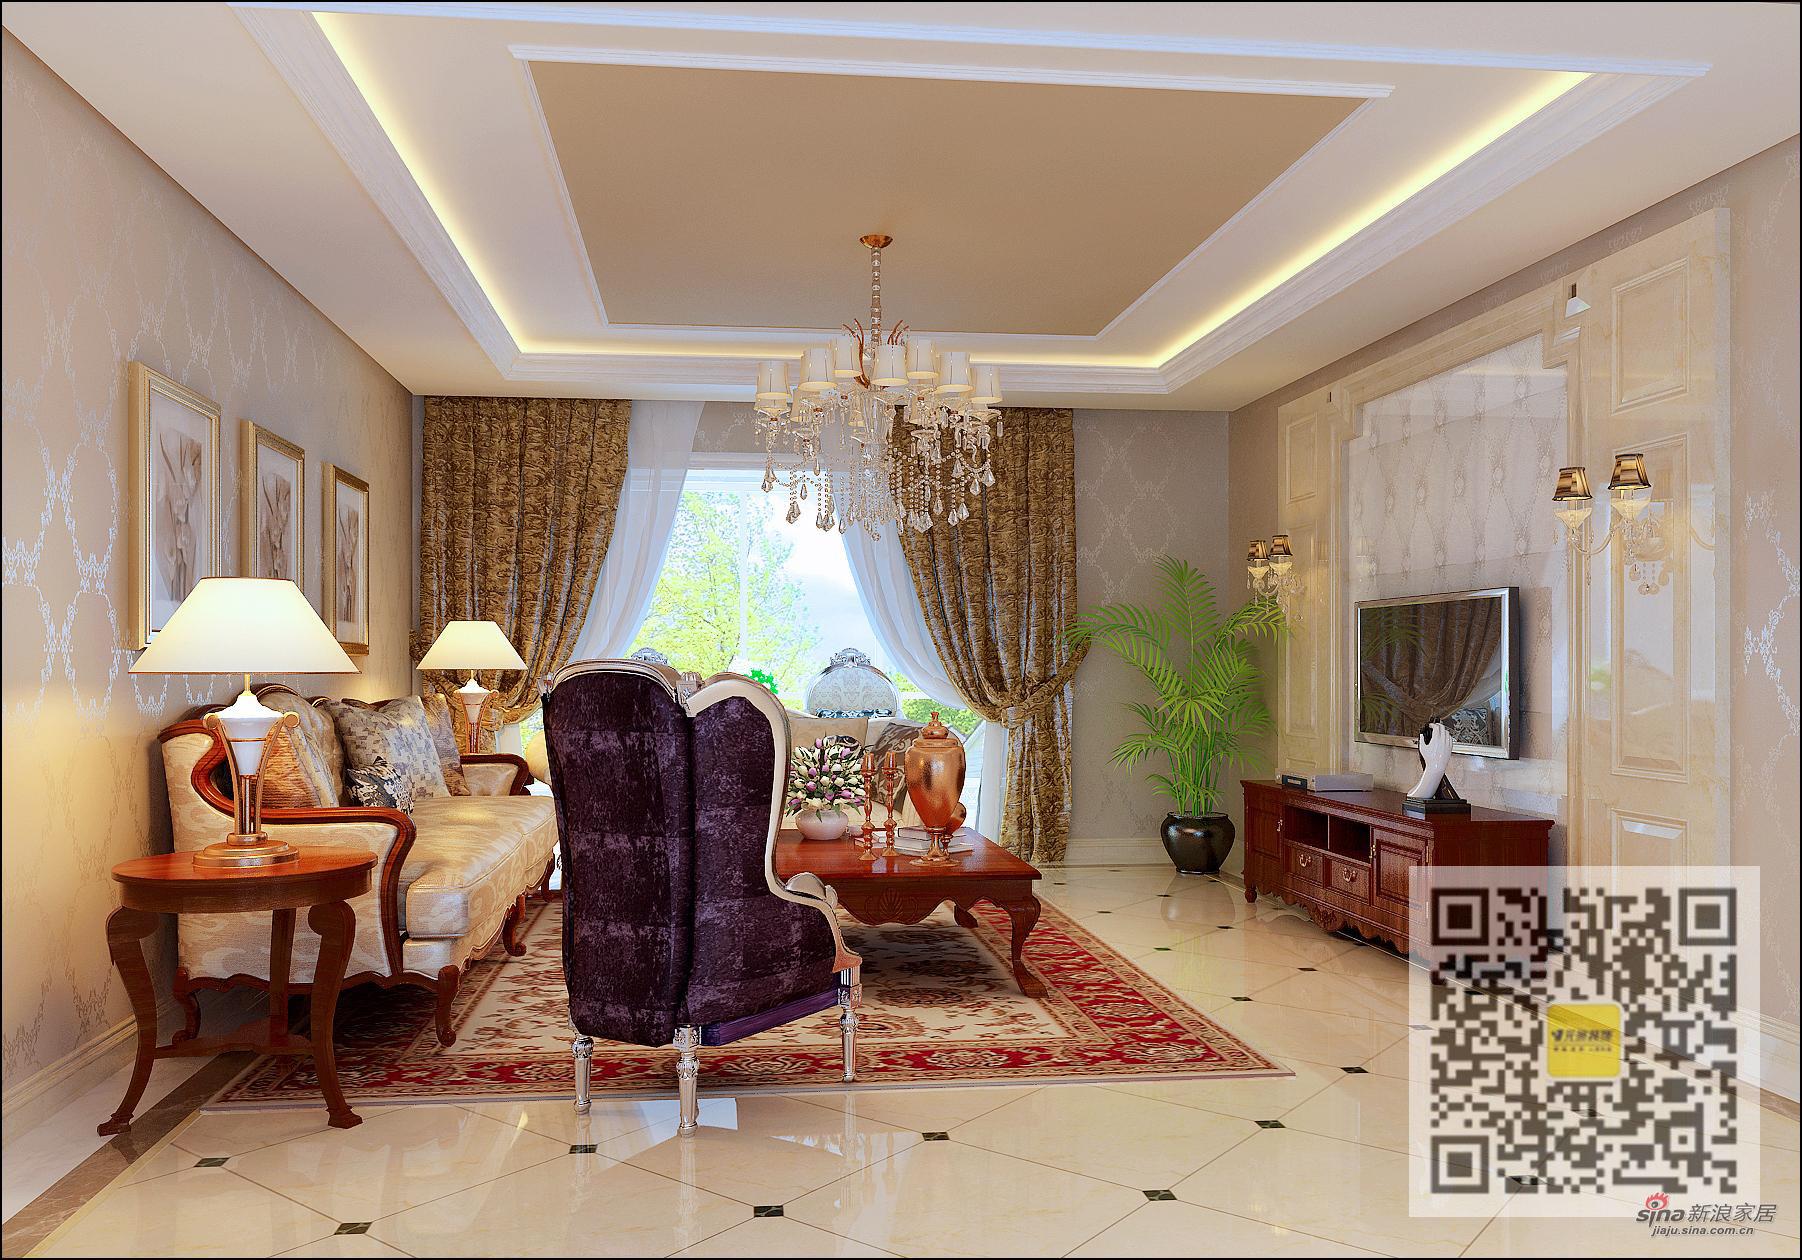 欧式 别墅 客厅图片来自用户2746869241在欧式风格别墅设计76的分享